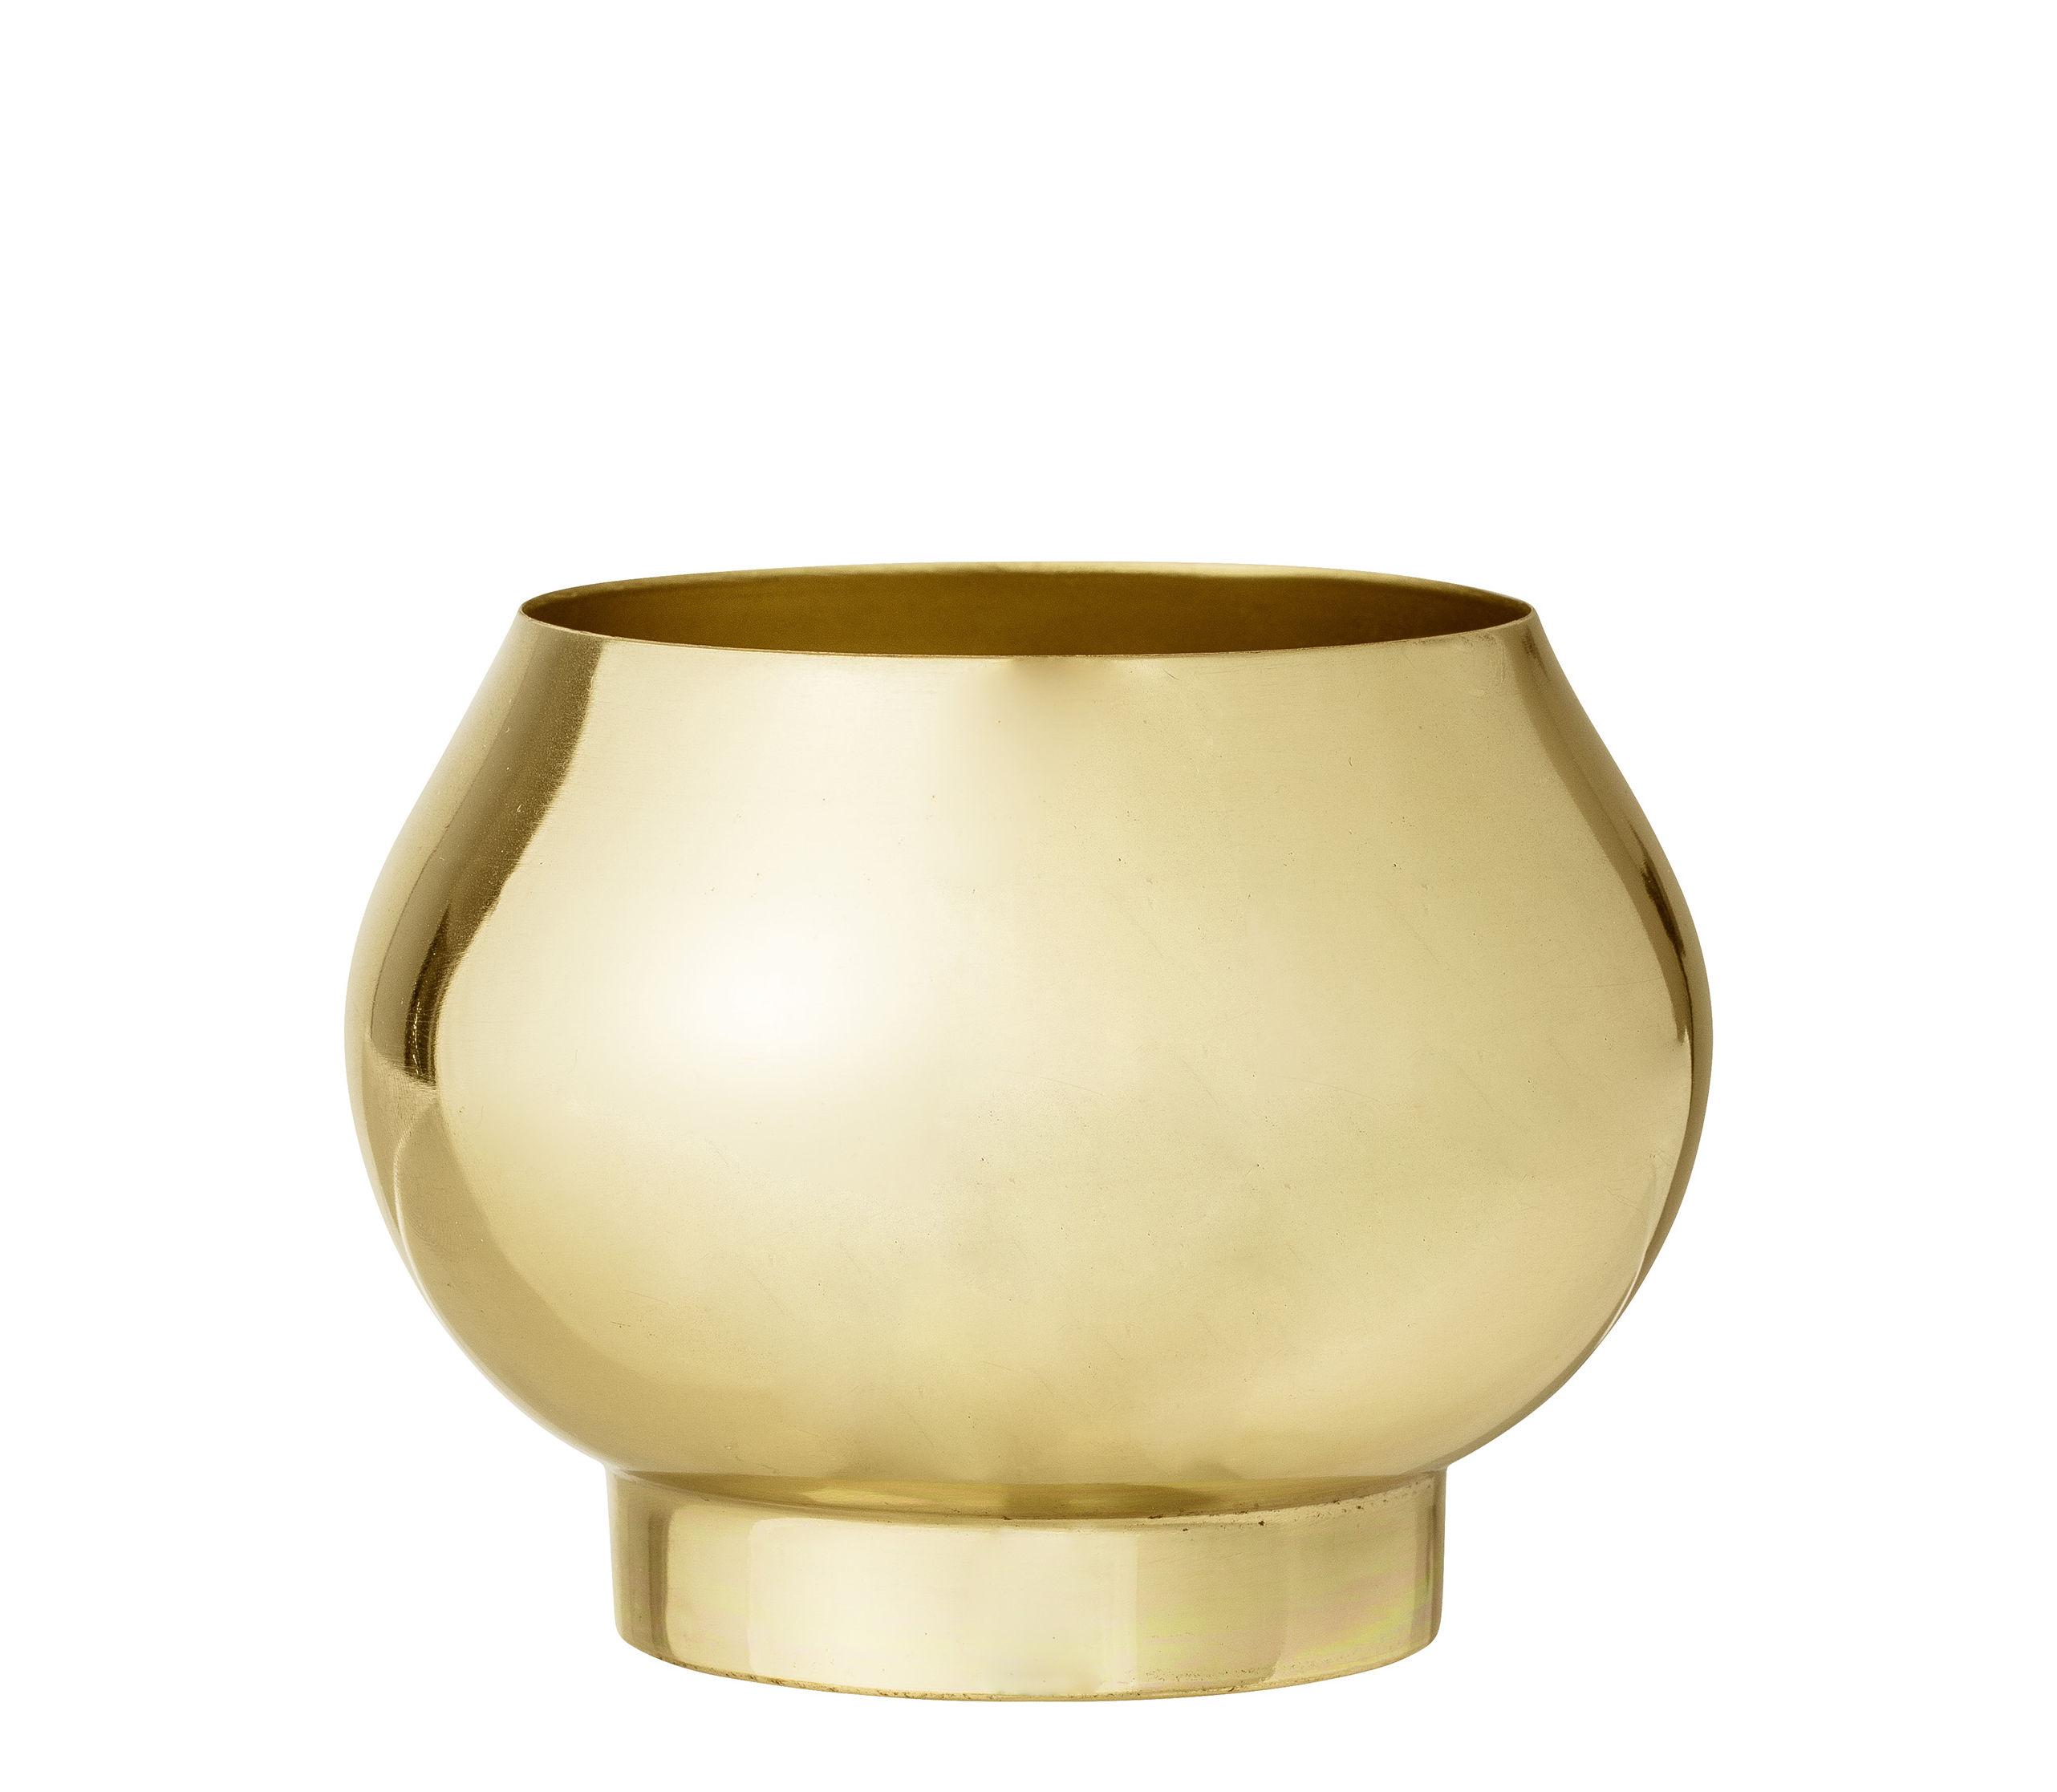 Dekoration - Töpfe und Pflanzen - Blumentopf / Metall - Ø 11 x H 8 cm - Bloomingville - Gold - Eisen